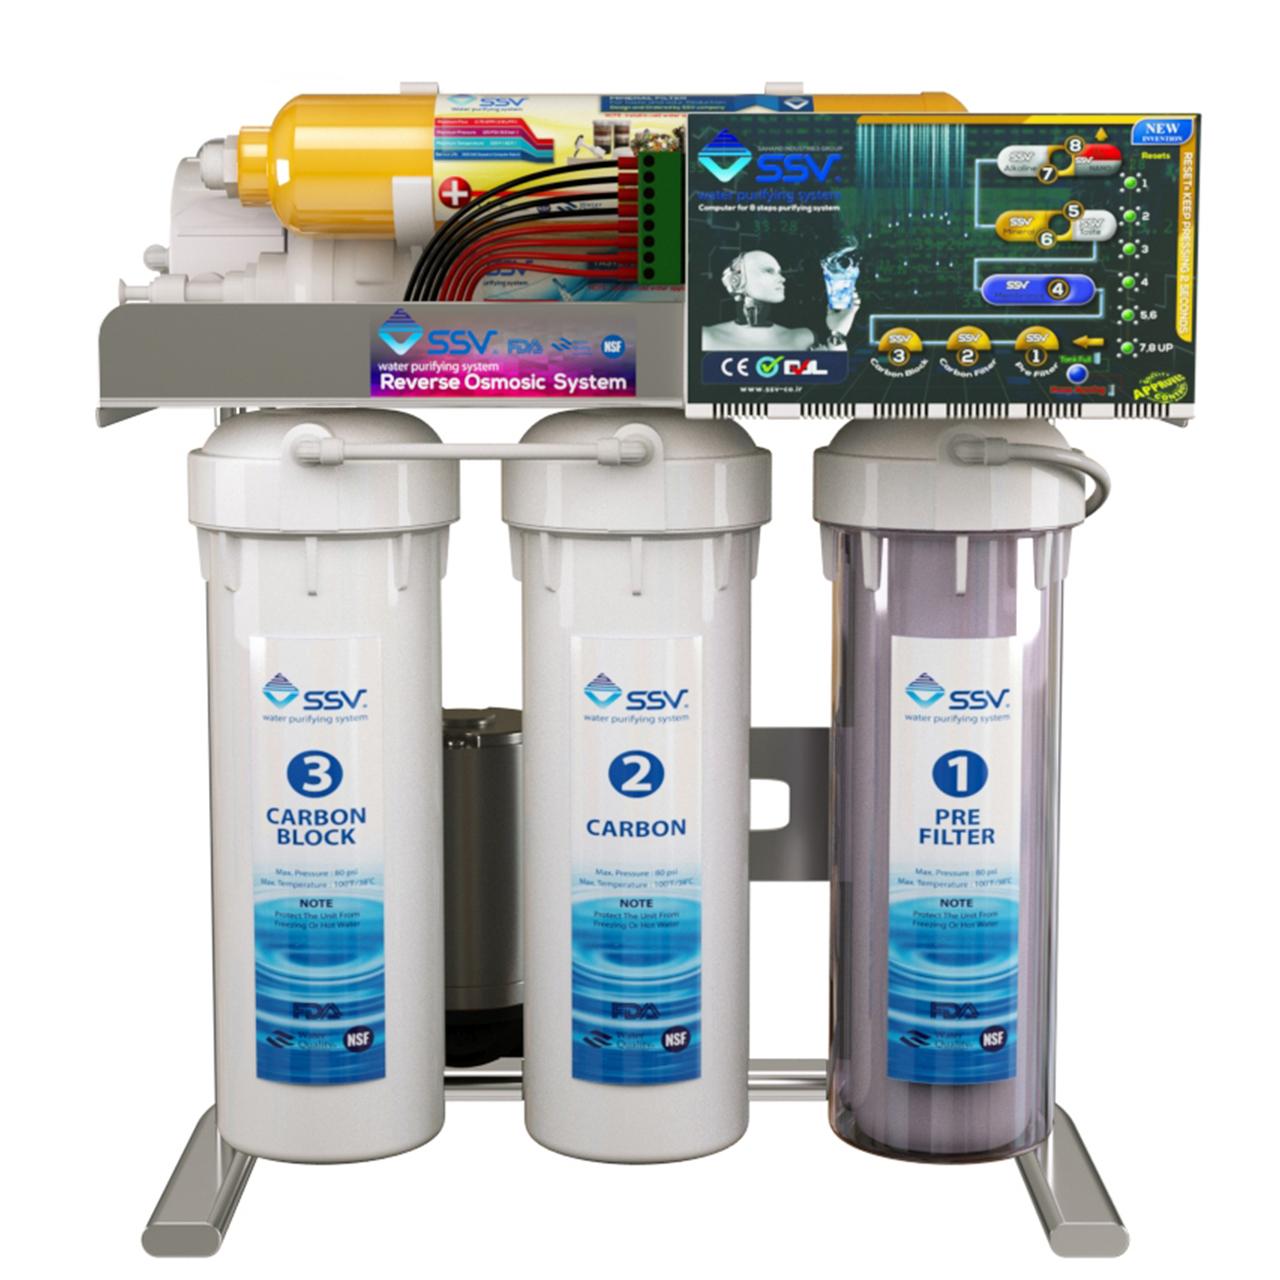 تصفیه کننده آب خانگی  اس اس وی مدل Smart UltraClear S600